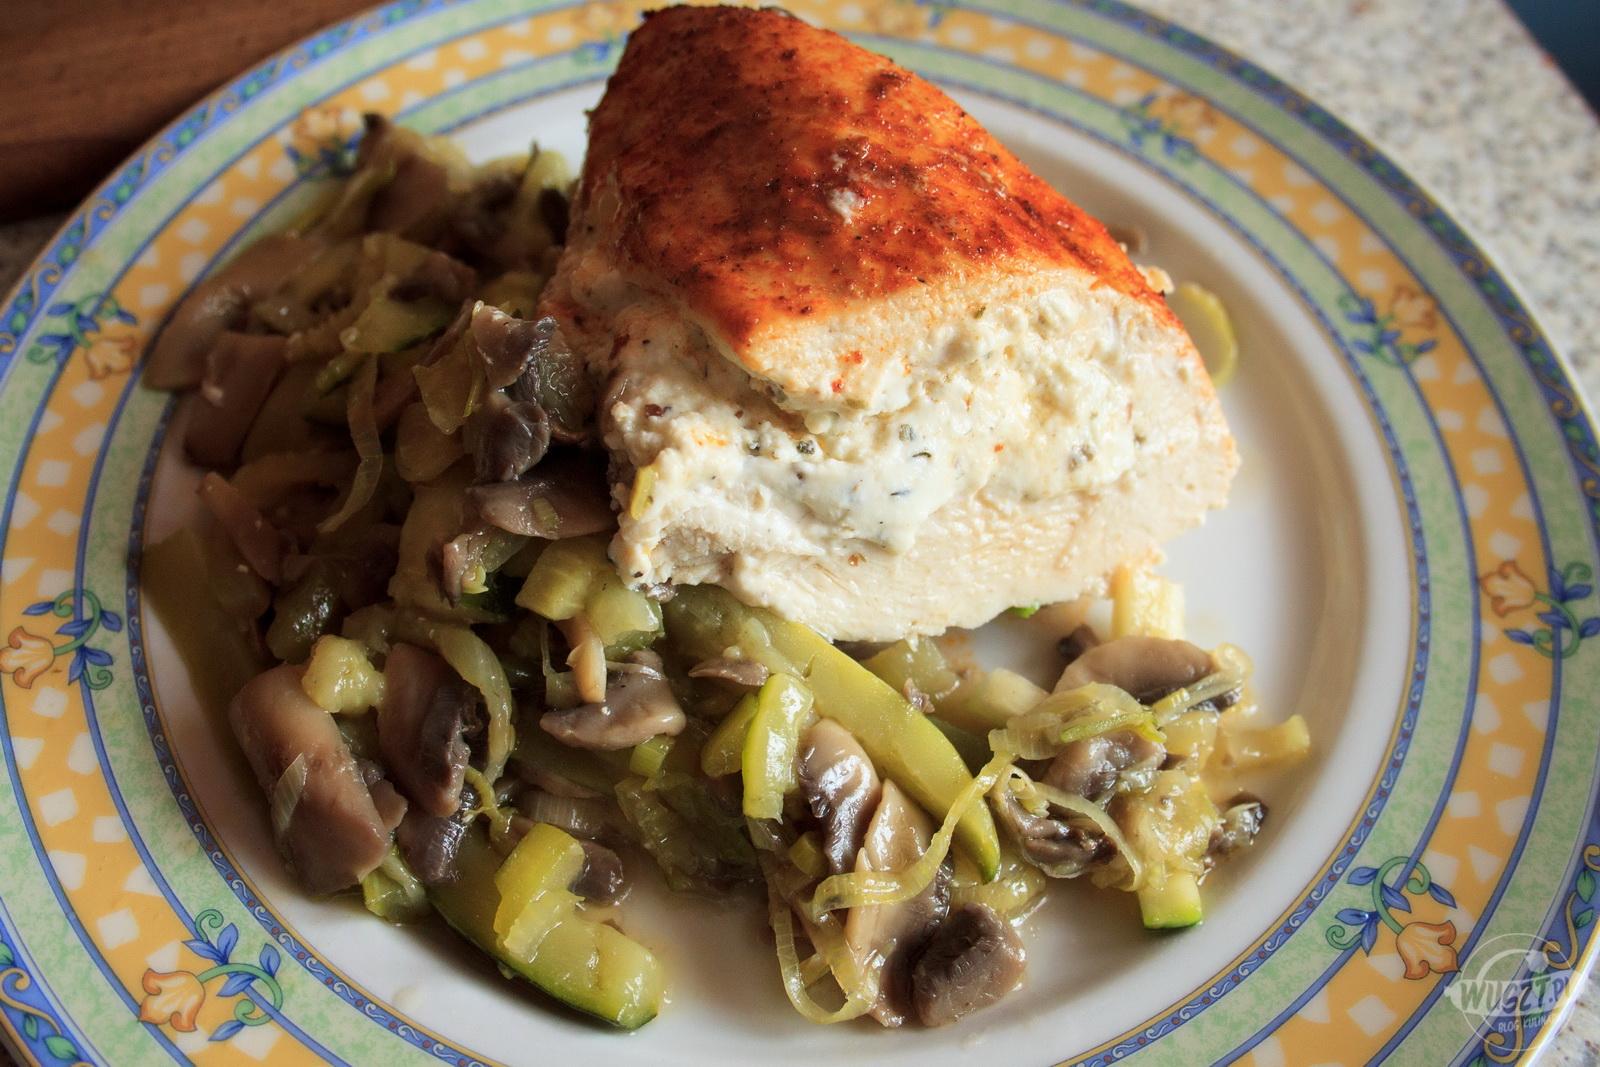 piers feta warzywa montignac 3 103. Pieczone piersi z fetą i warzywami [Montignac, Tłuszczowe]